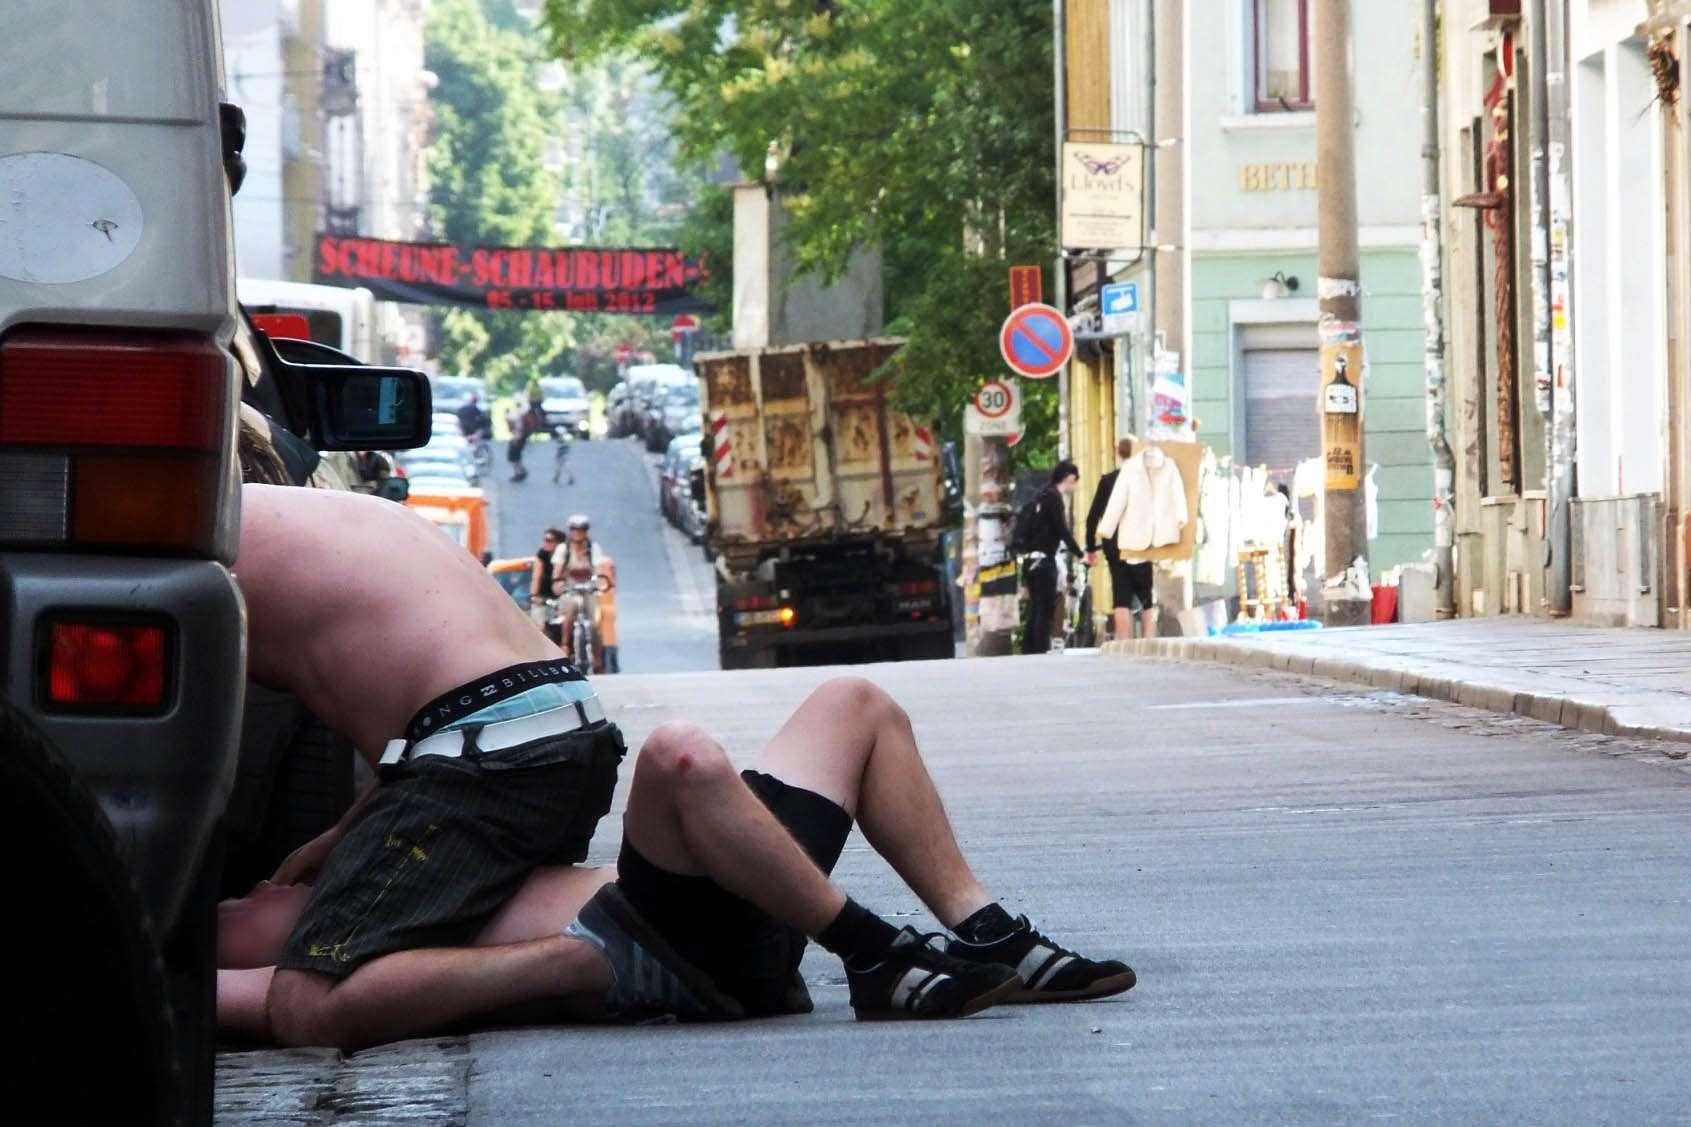 Gesehen auf der Alaunstraße um kurz nach 7 in der Frühe. Anklicken, um das Foto zu vergrößern.